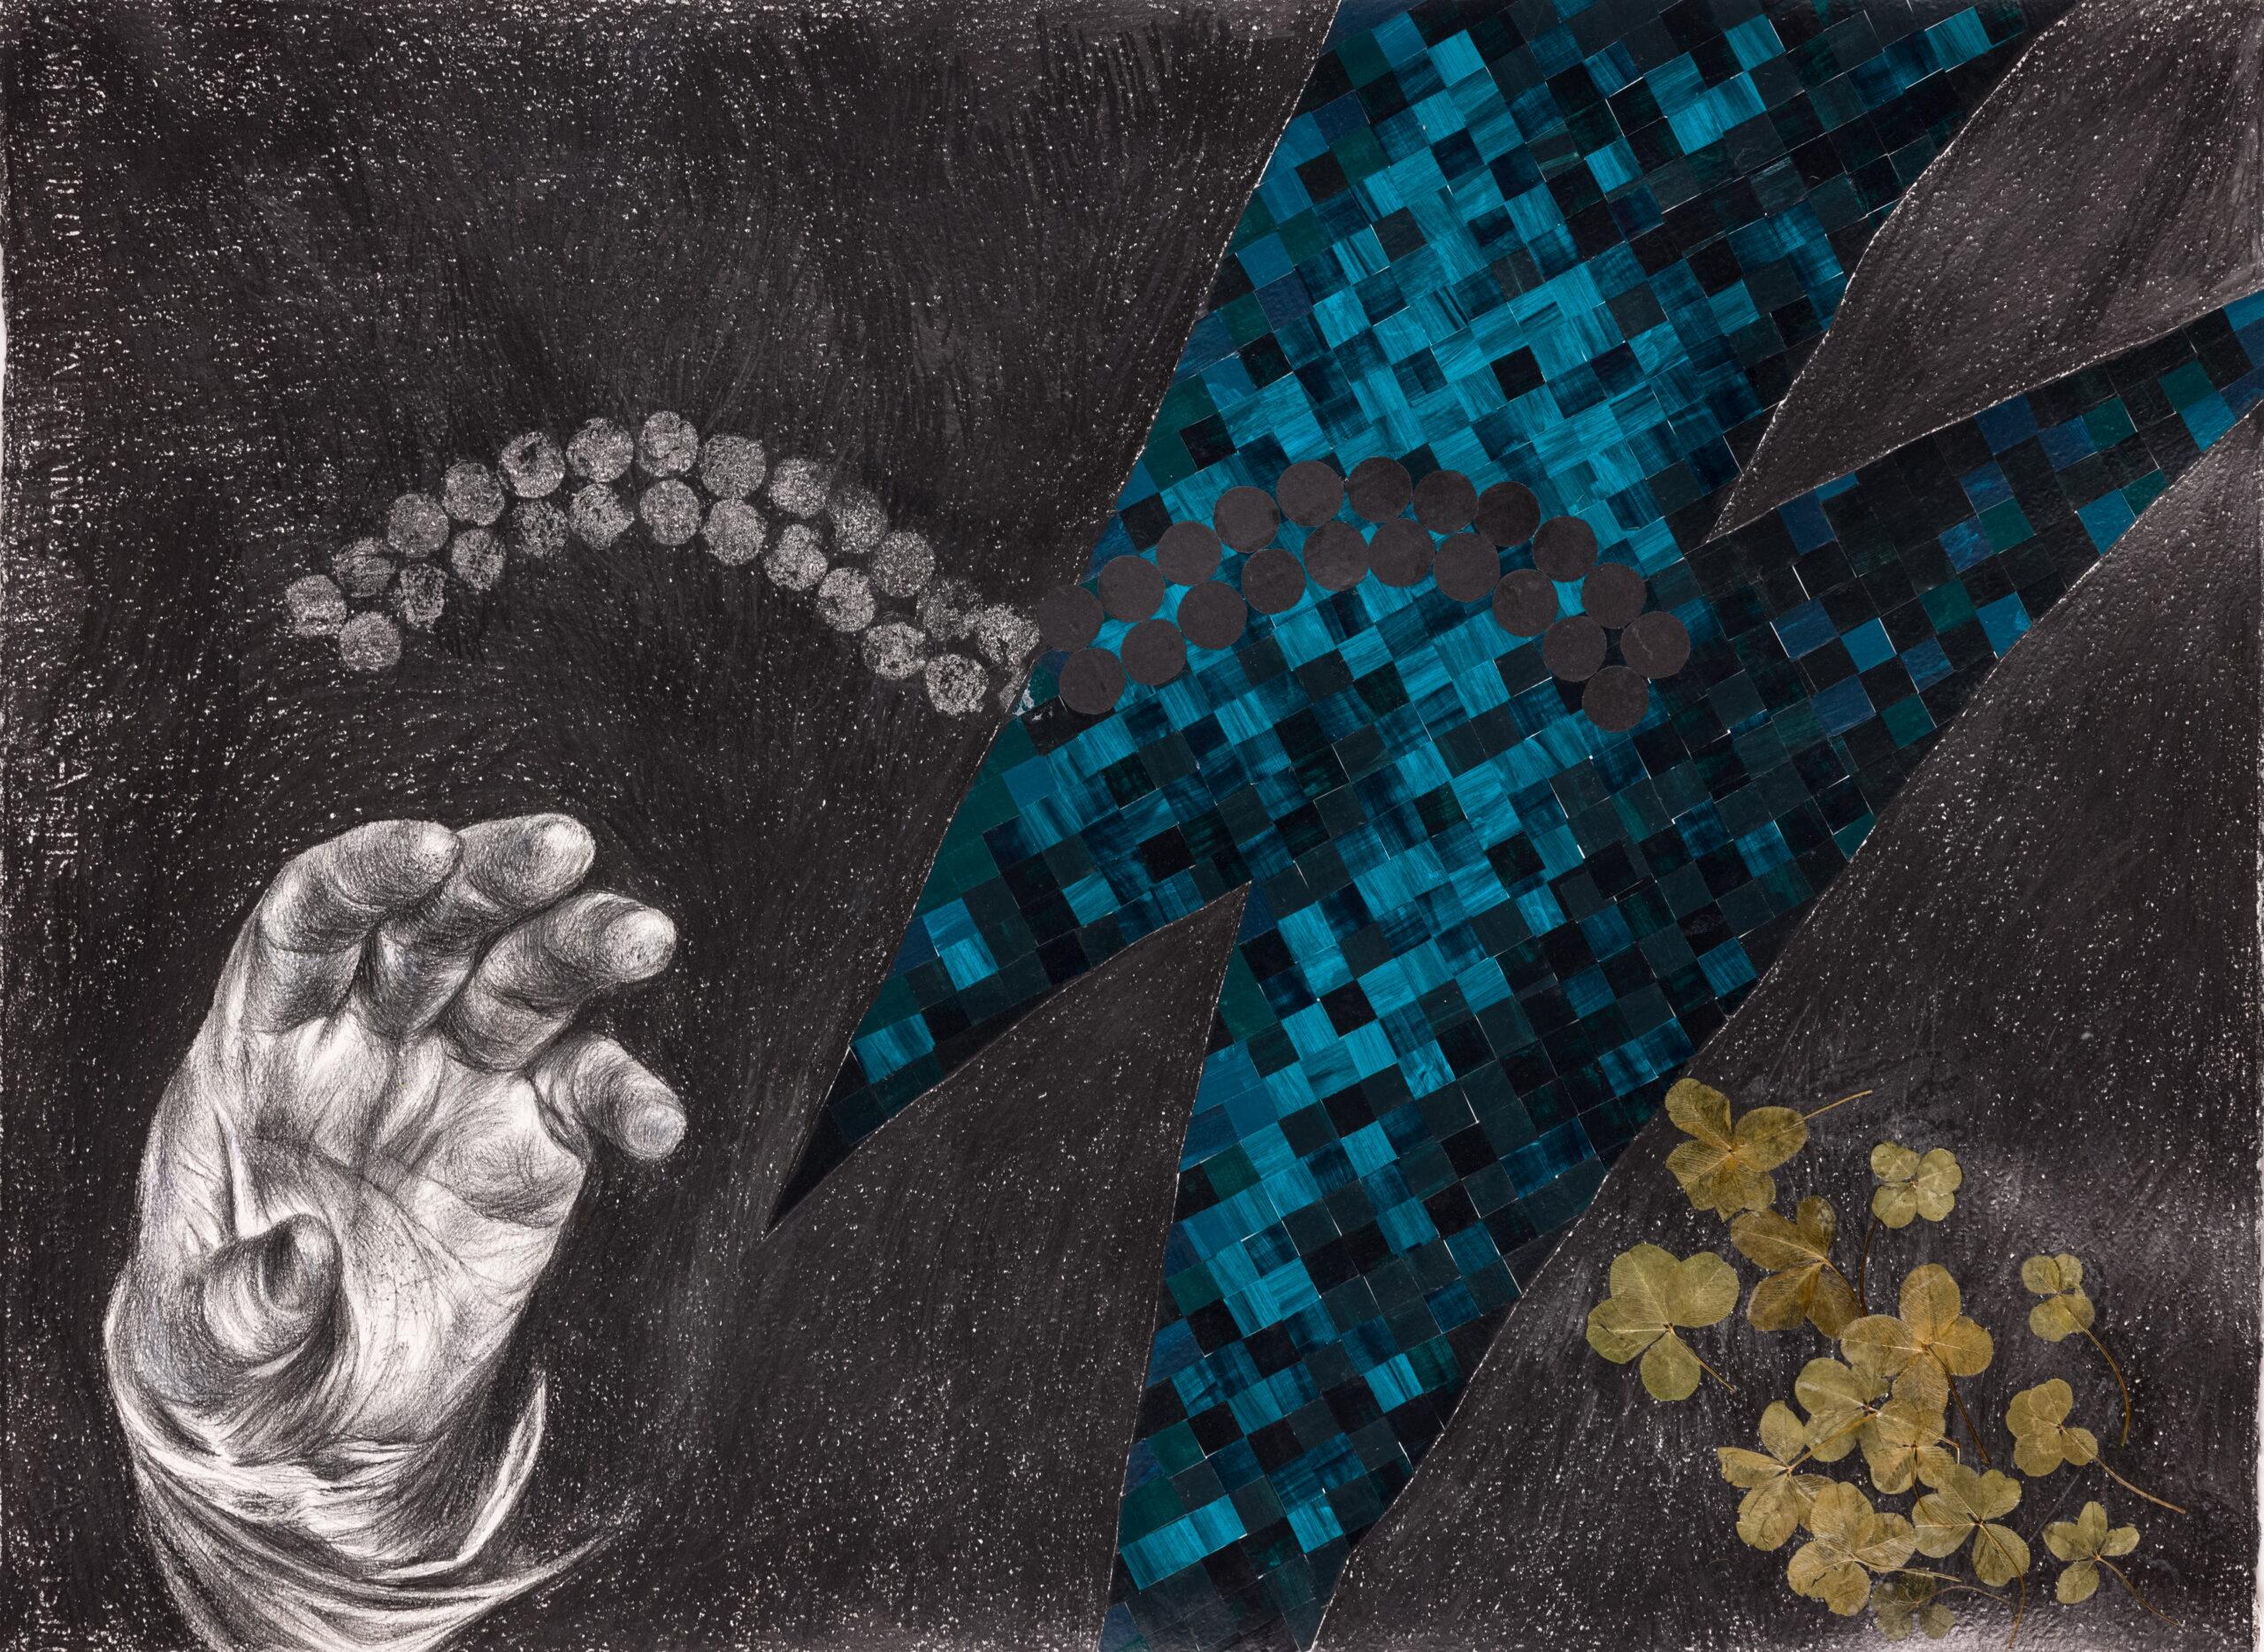 """Изложба цртежа и слика Даниеле Фулгоси """"Прелаз"""" до 21. маја у Малом ликовном салону"""